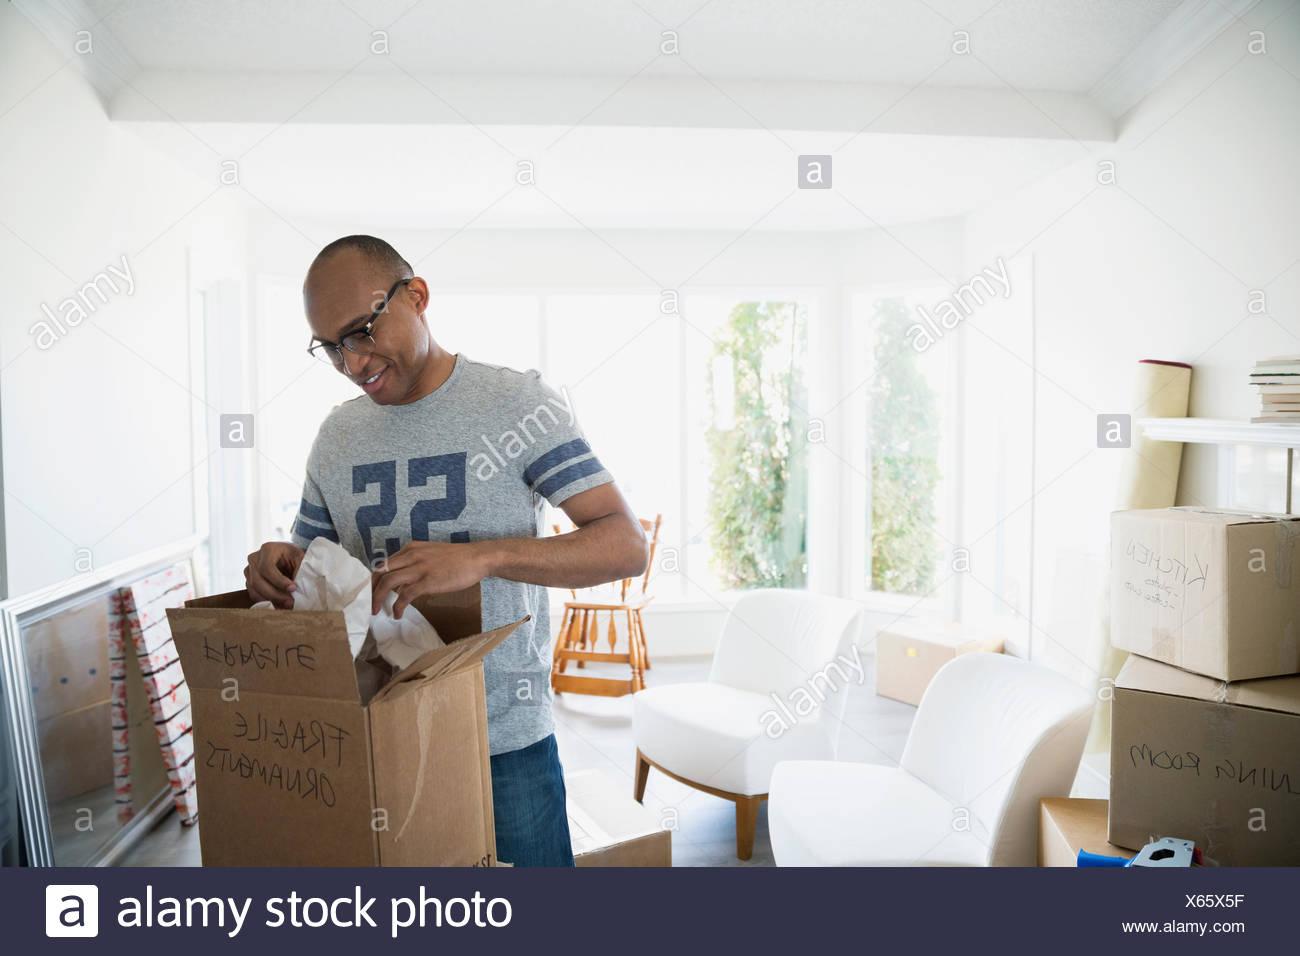 Uomo di imballaggio scatola movimento nel soggiorno Immagini Stock